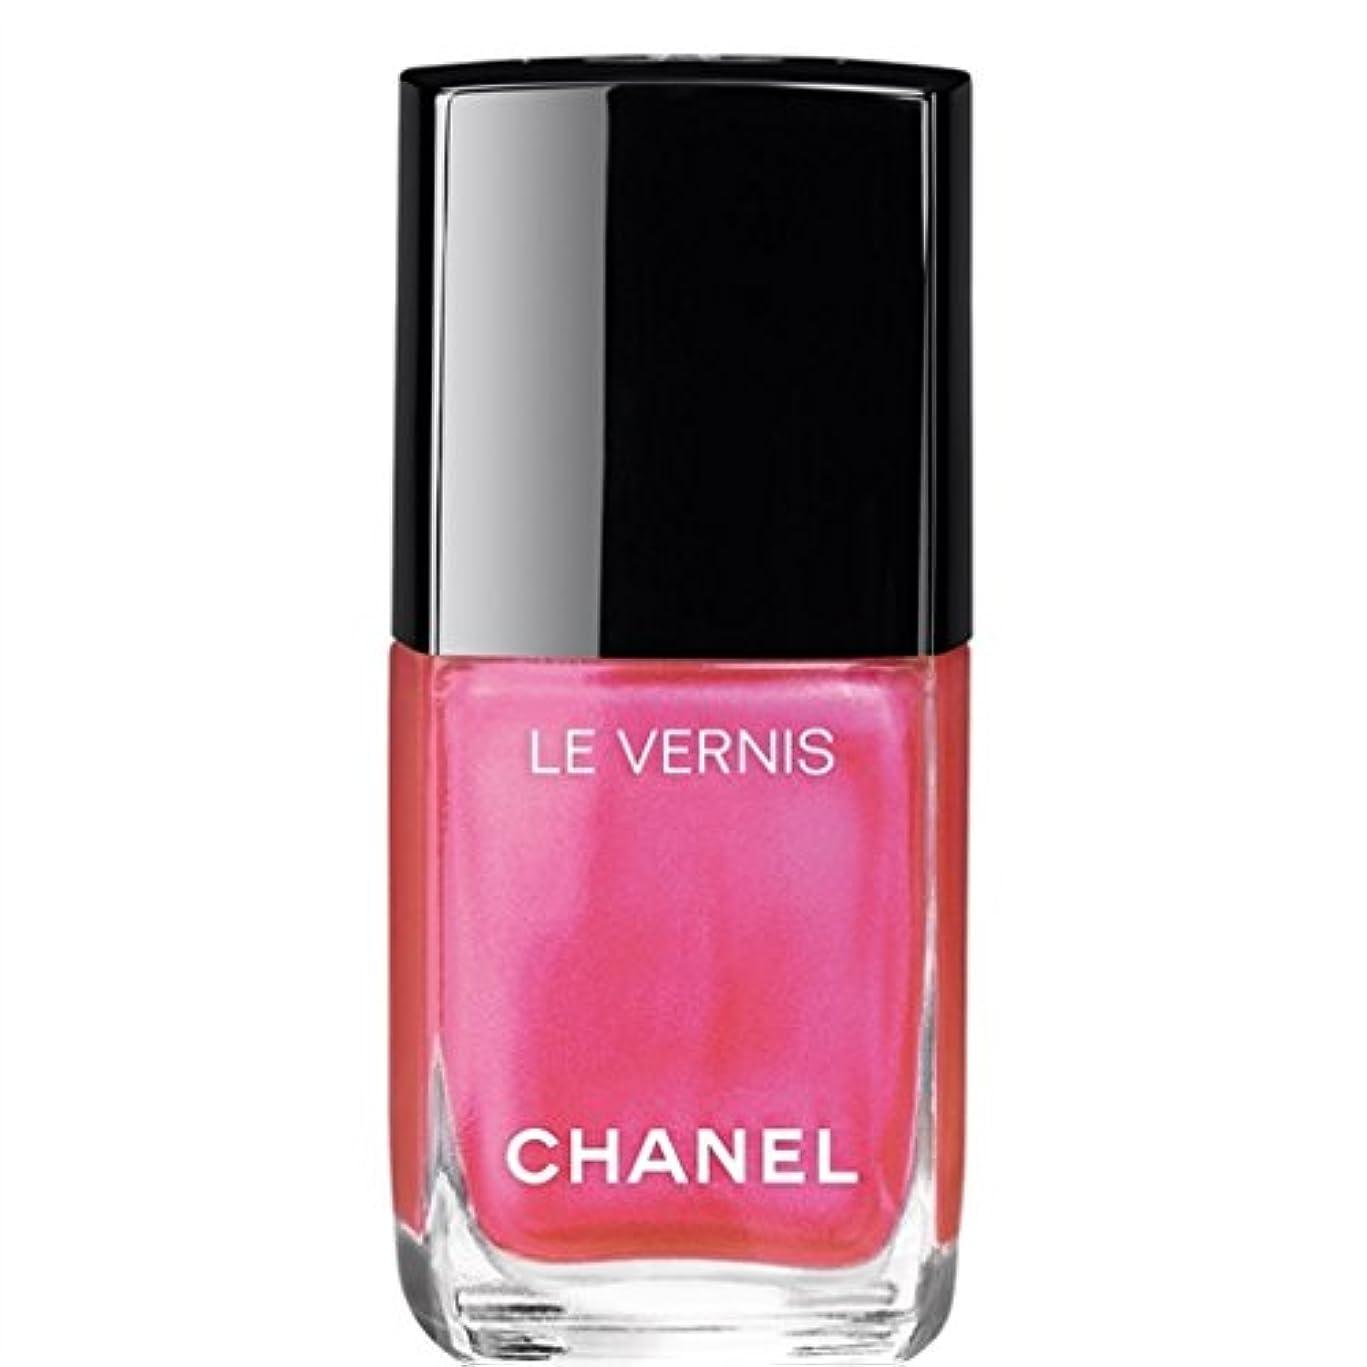 めんどり心のこもった強制CHANEL シャネル LE VERNIS ヴェルニ ロング トゥニュ 2016年クリスマス限定カラー (544 - HYPERROSE GLASS - ハイパーローズ グラス)